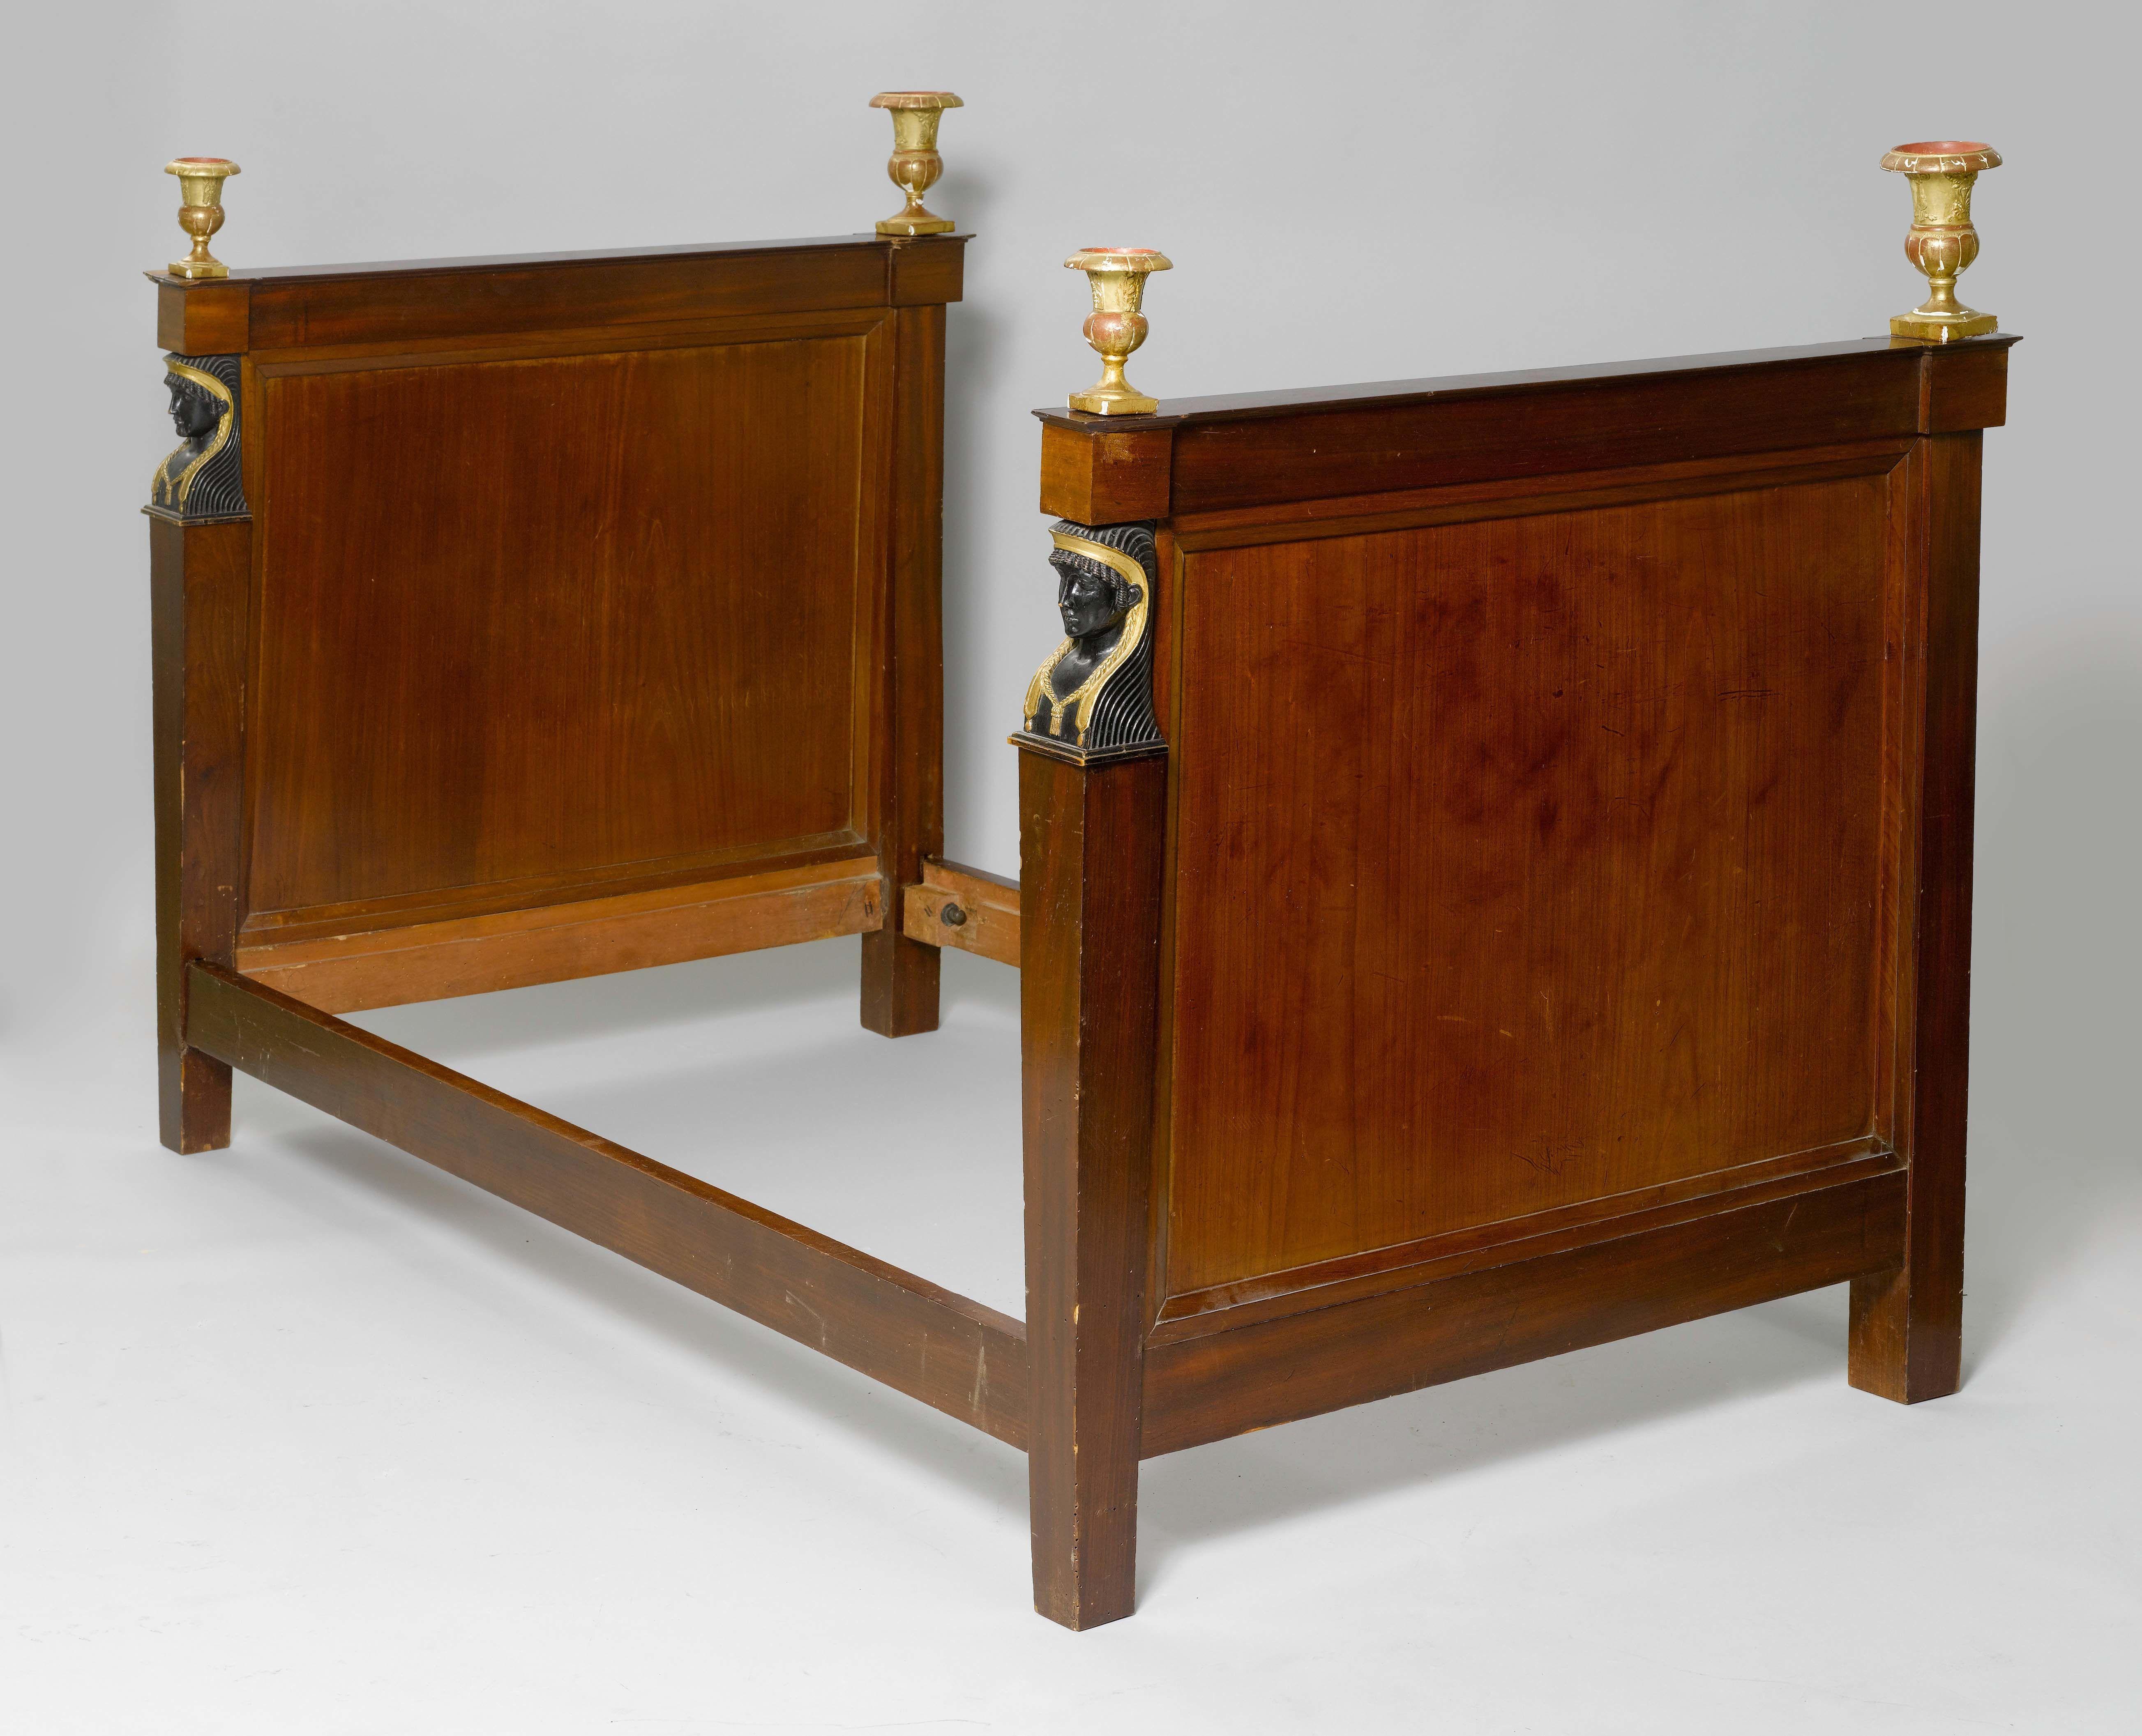 italien mbel kaufen latest mobel online shop steht fa r qualitat und lebenstile mobel mobel. Black Bedroom Furniture Sets. Home Design Ideas